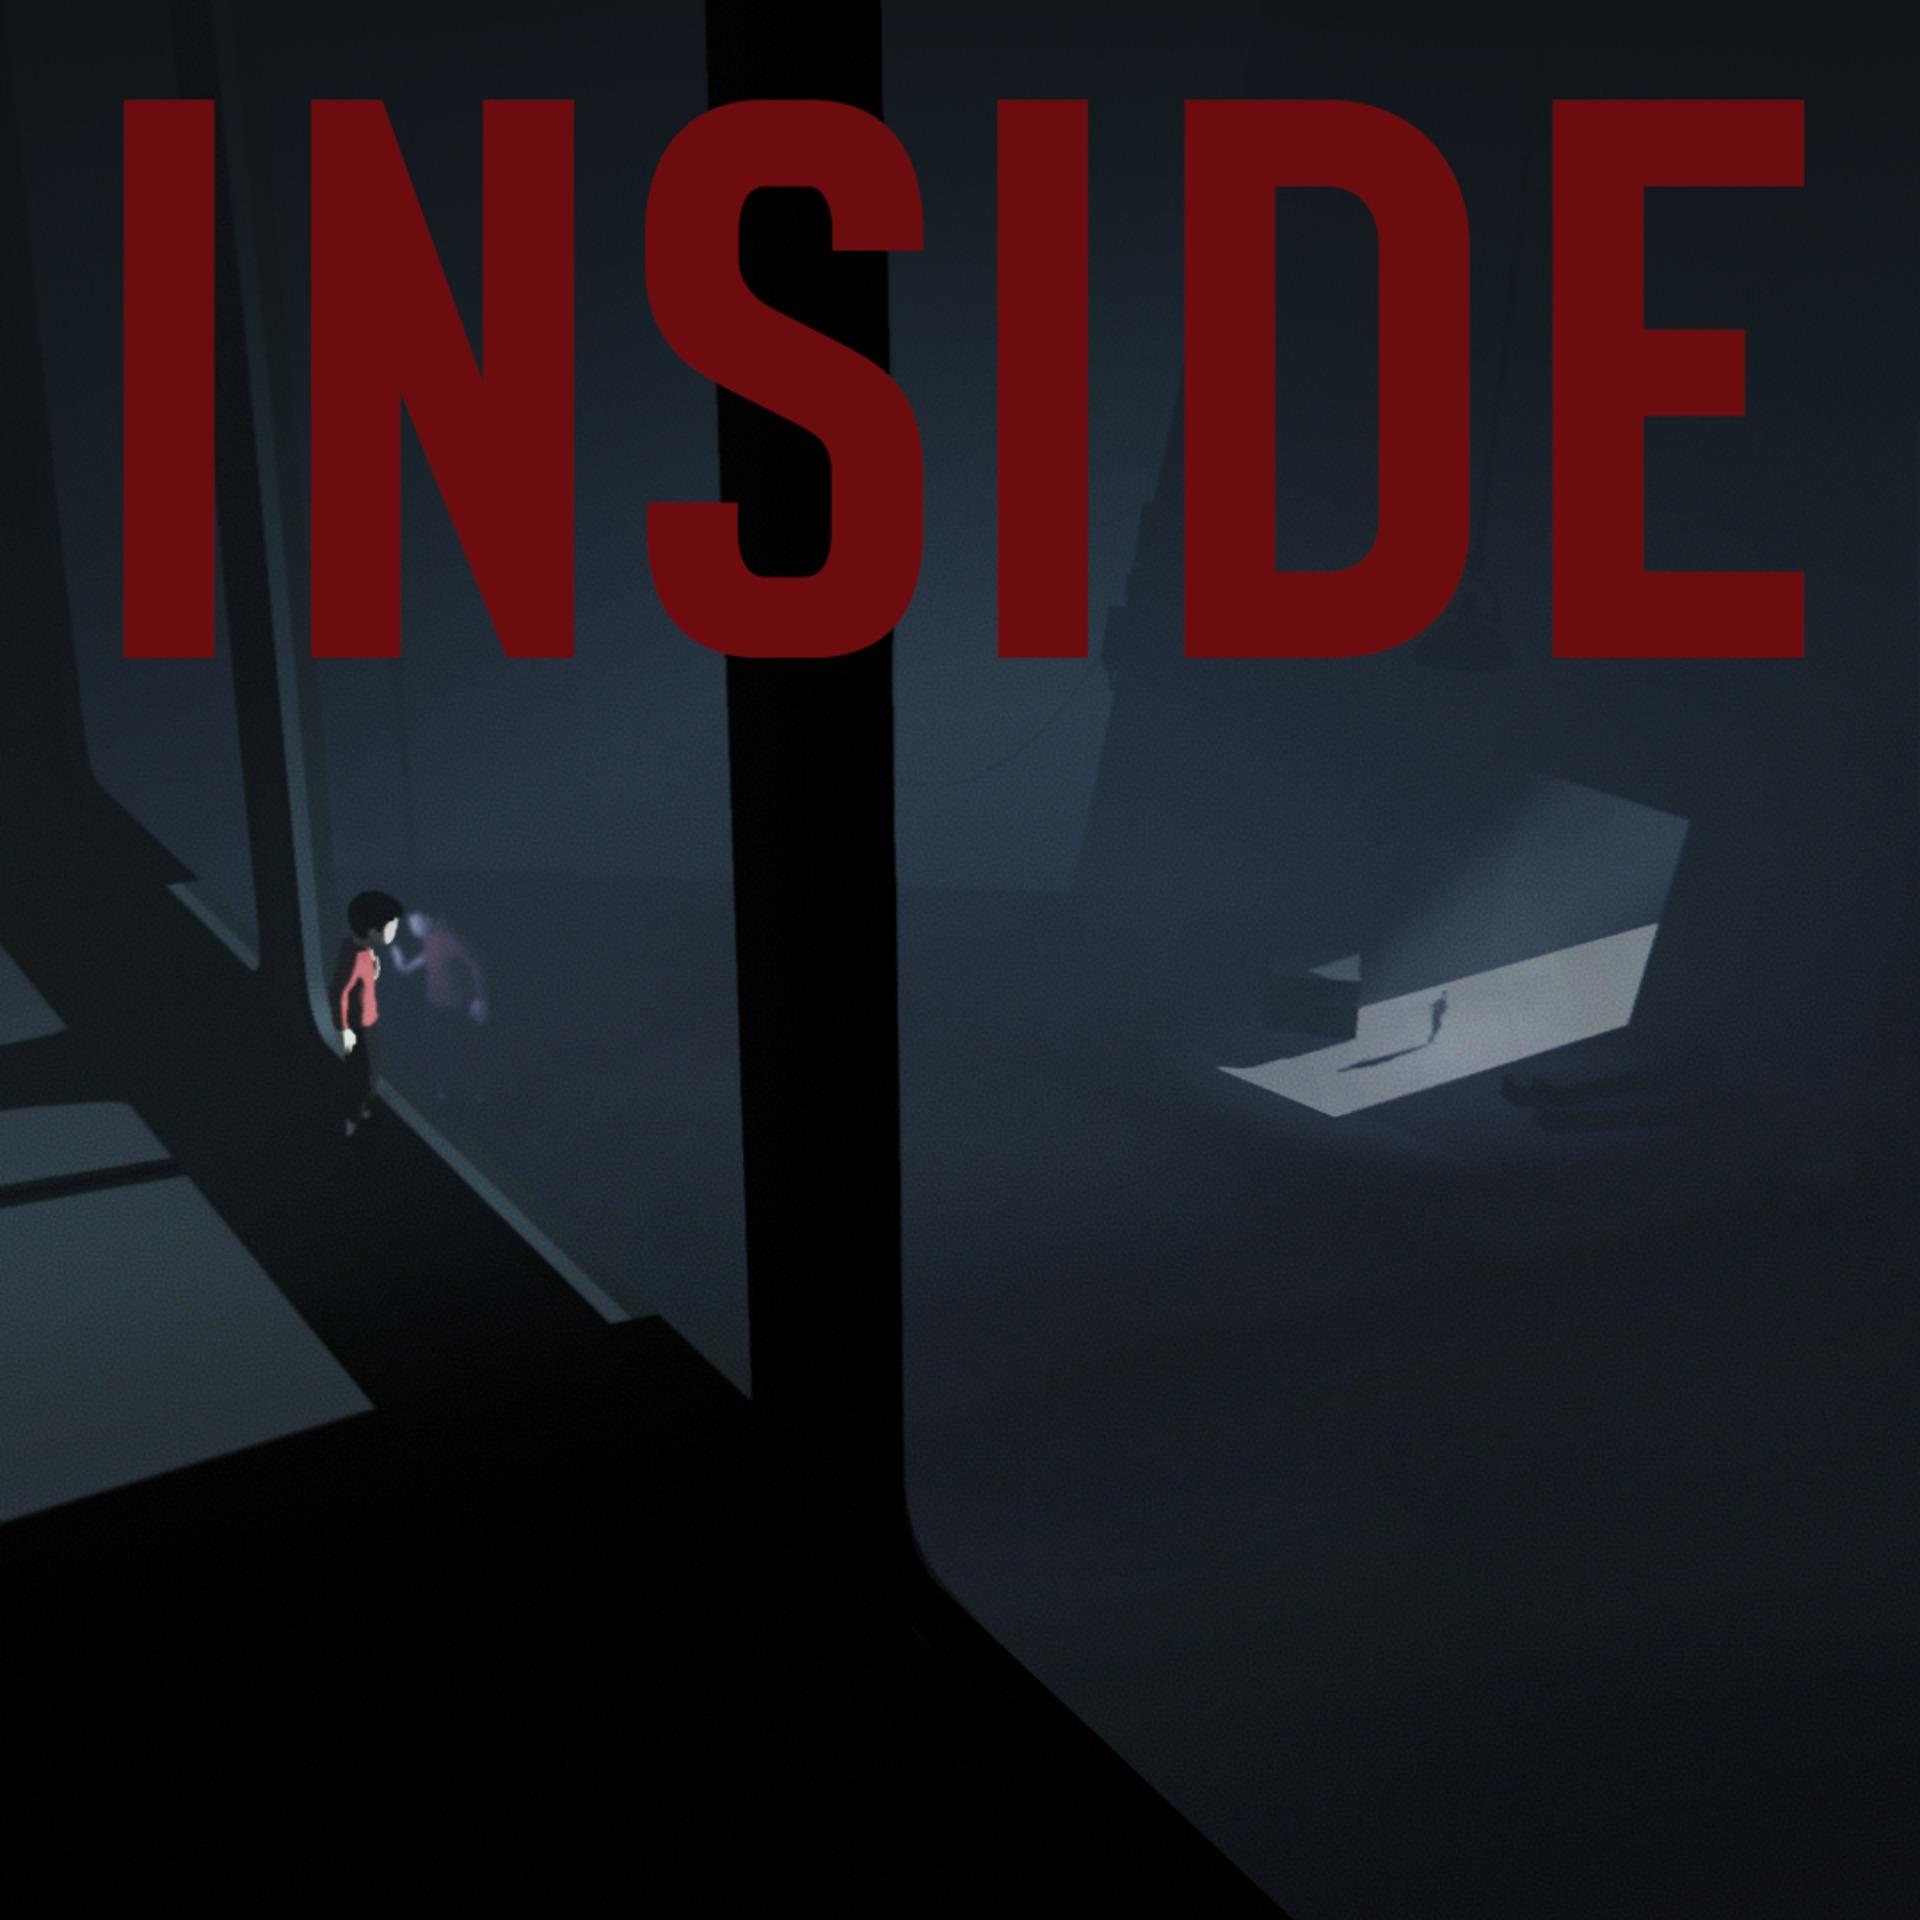 INSIDE GAME FONT